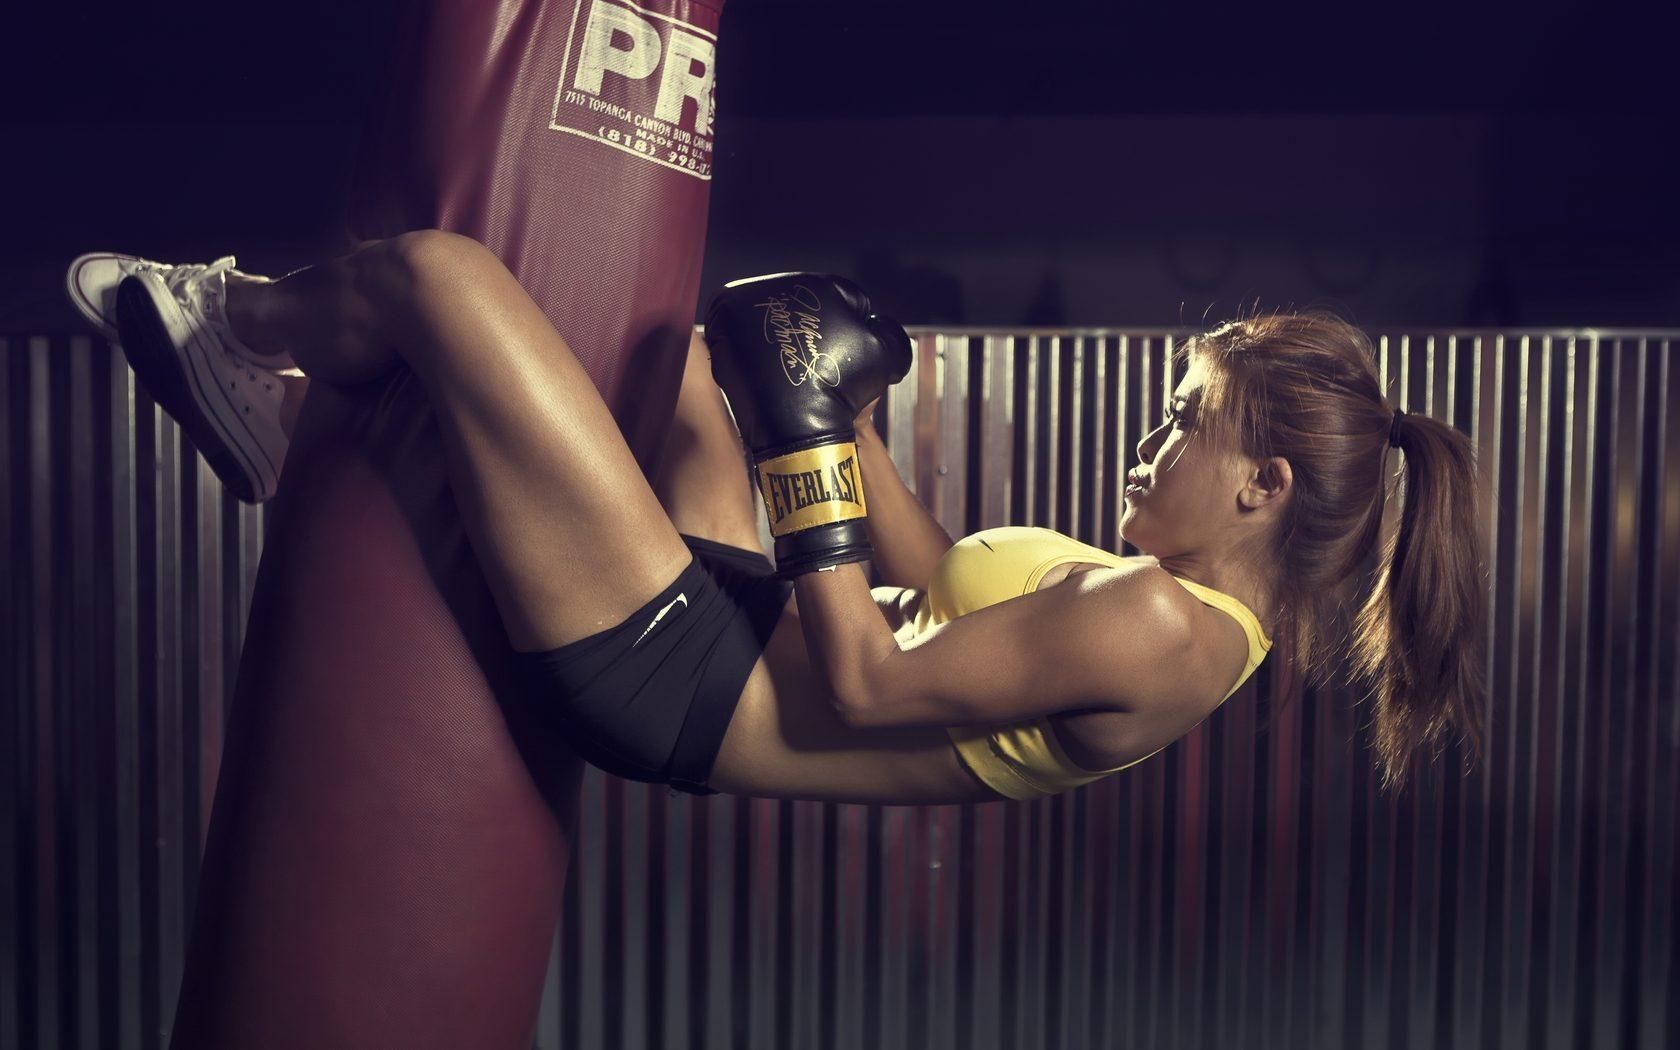 тайский бокс для похудения отзывы